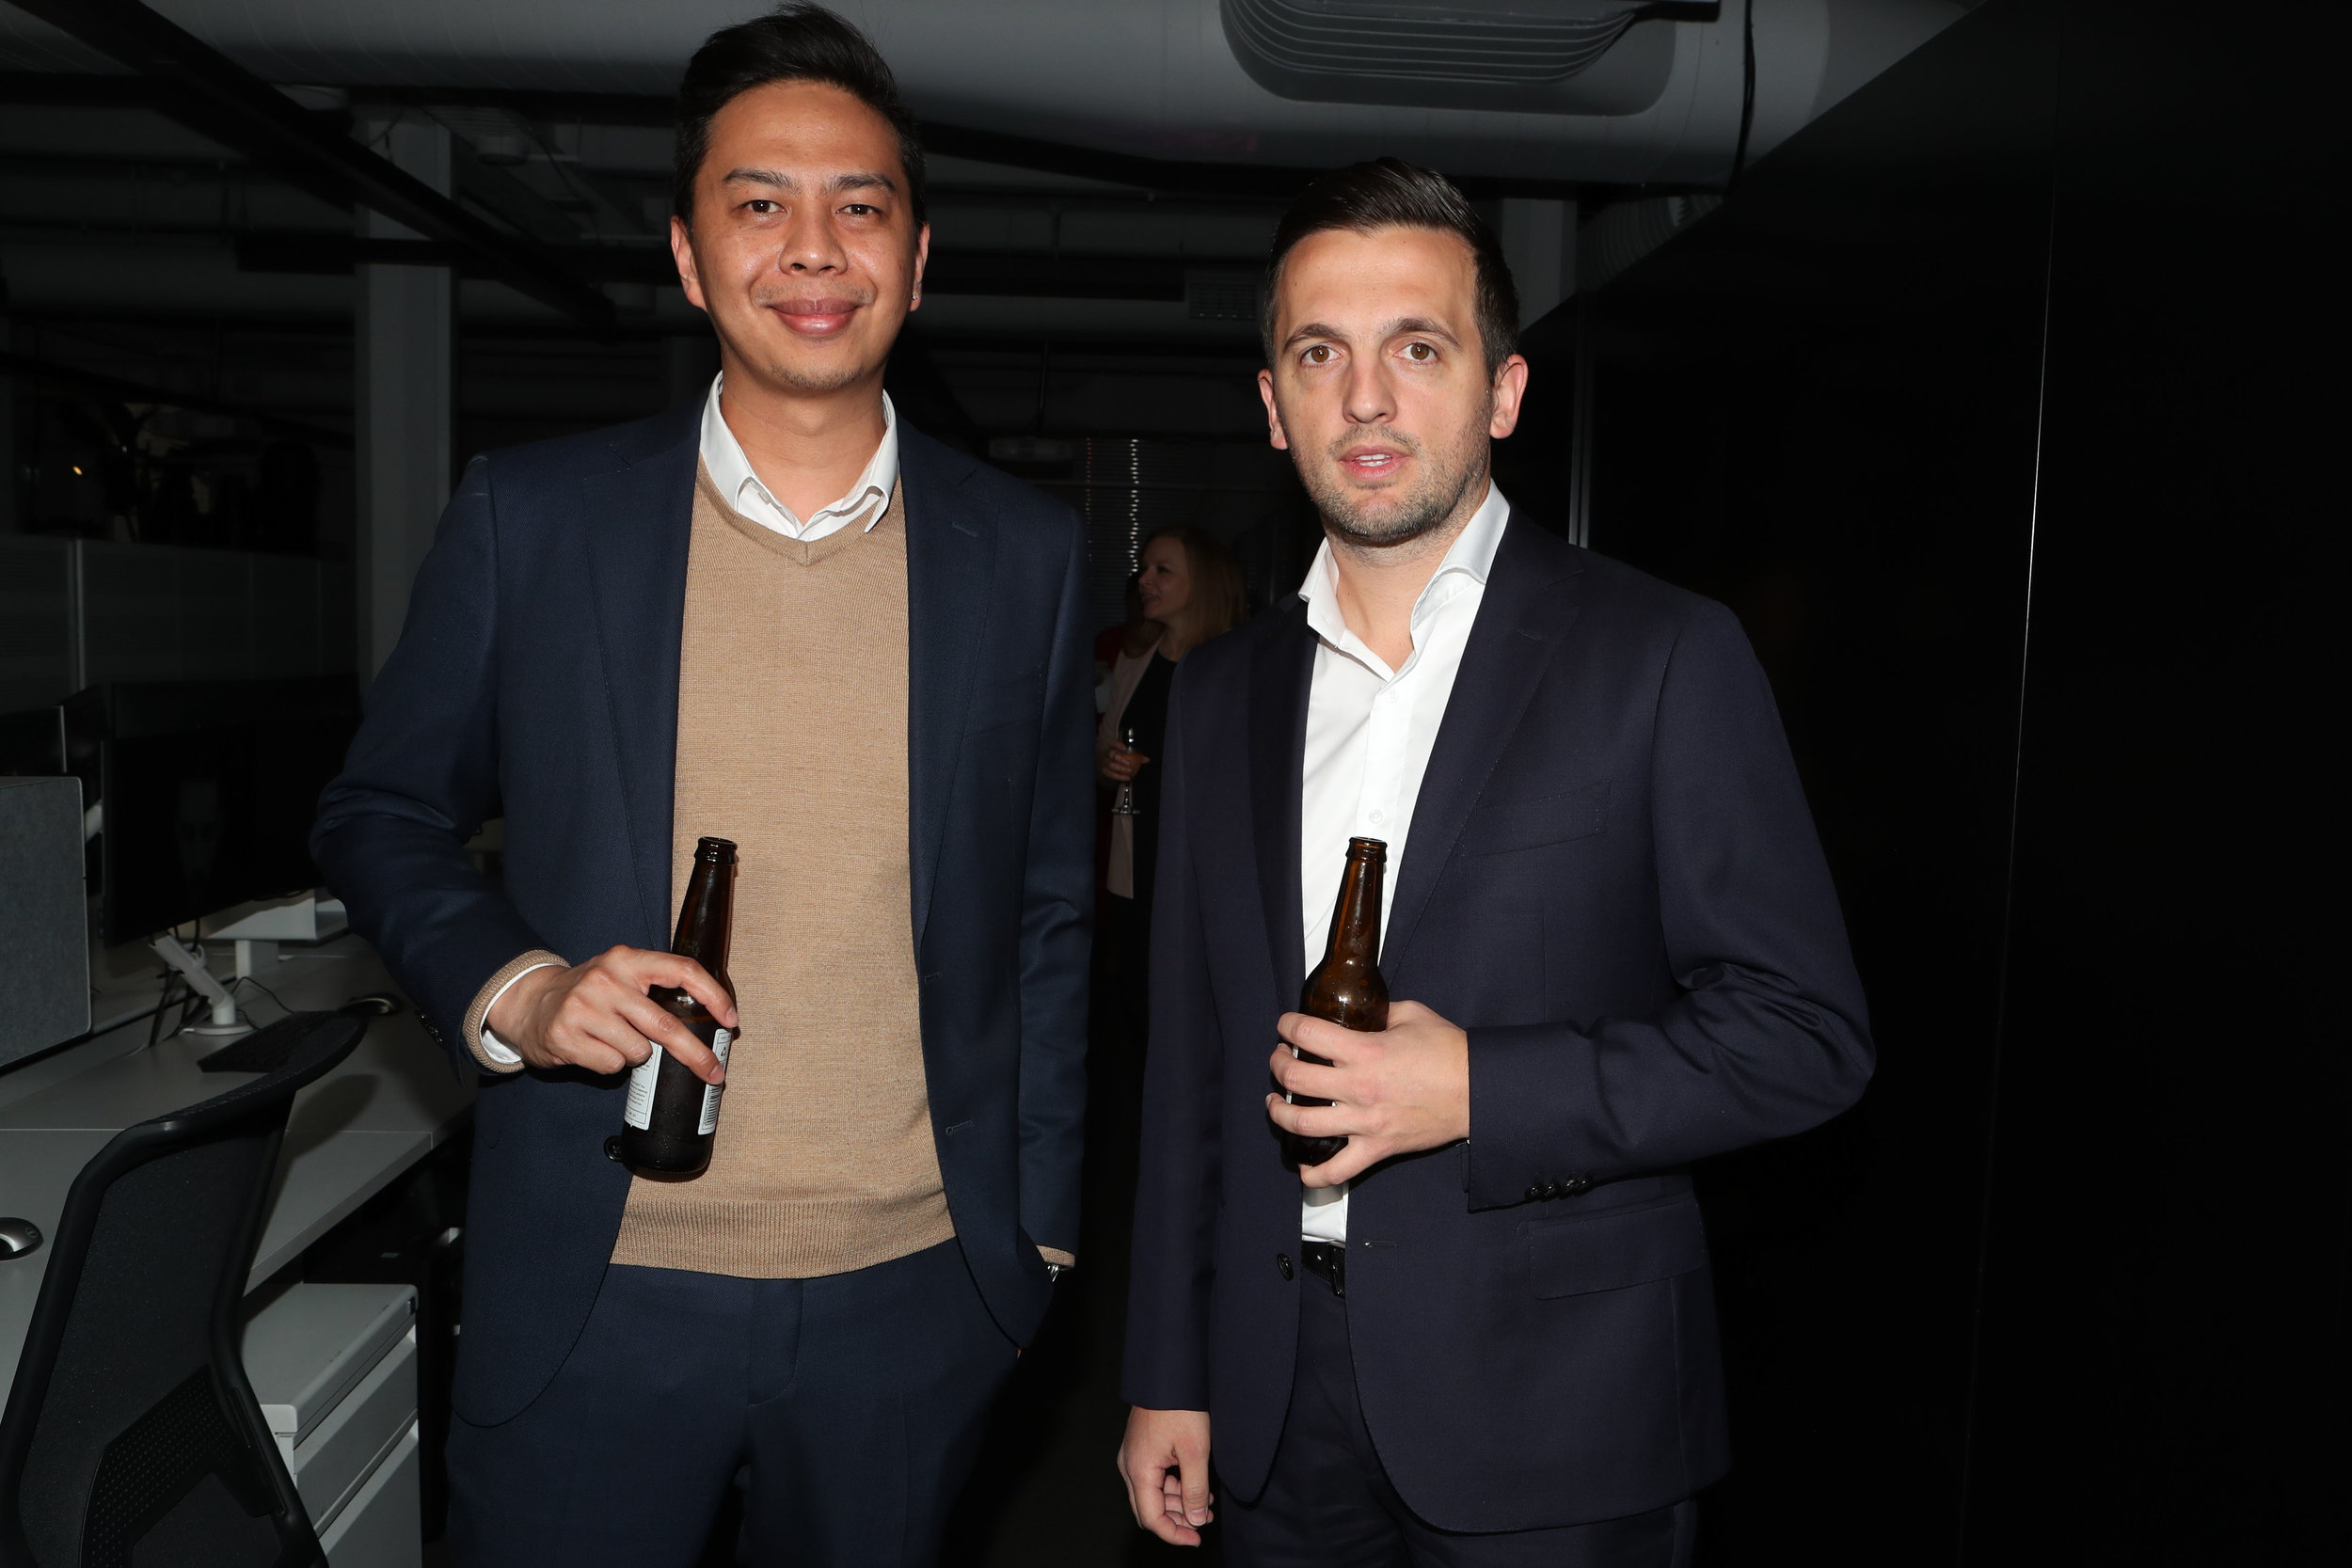 Joseph Bautista and Igor Nikolovski.jpg